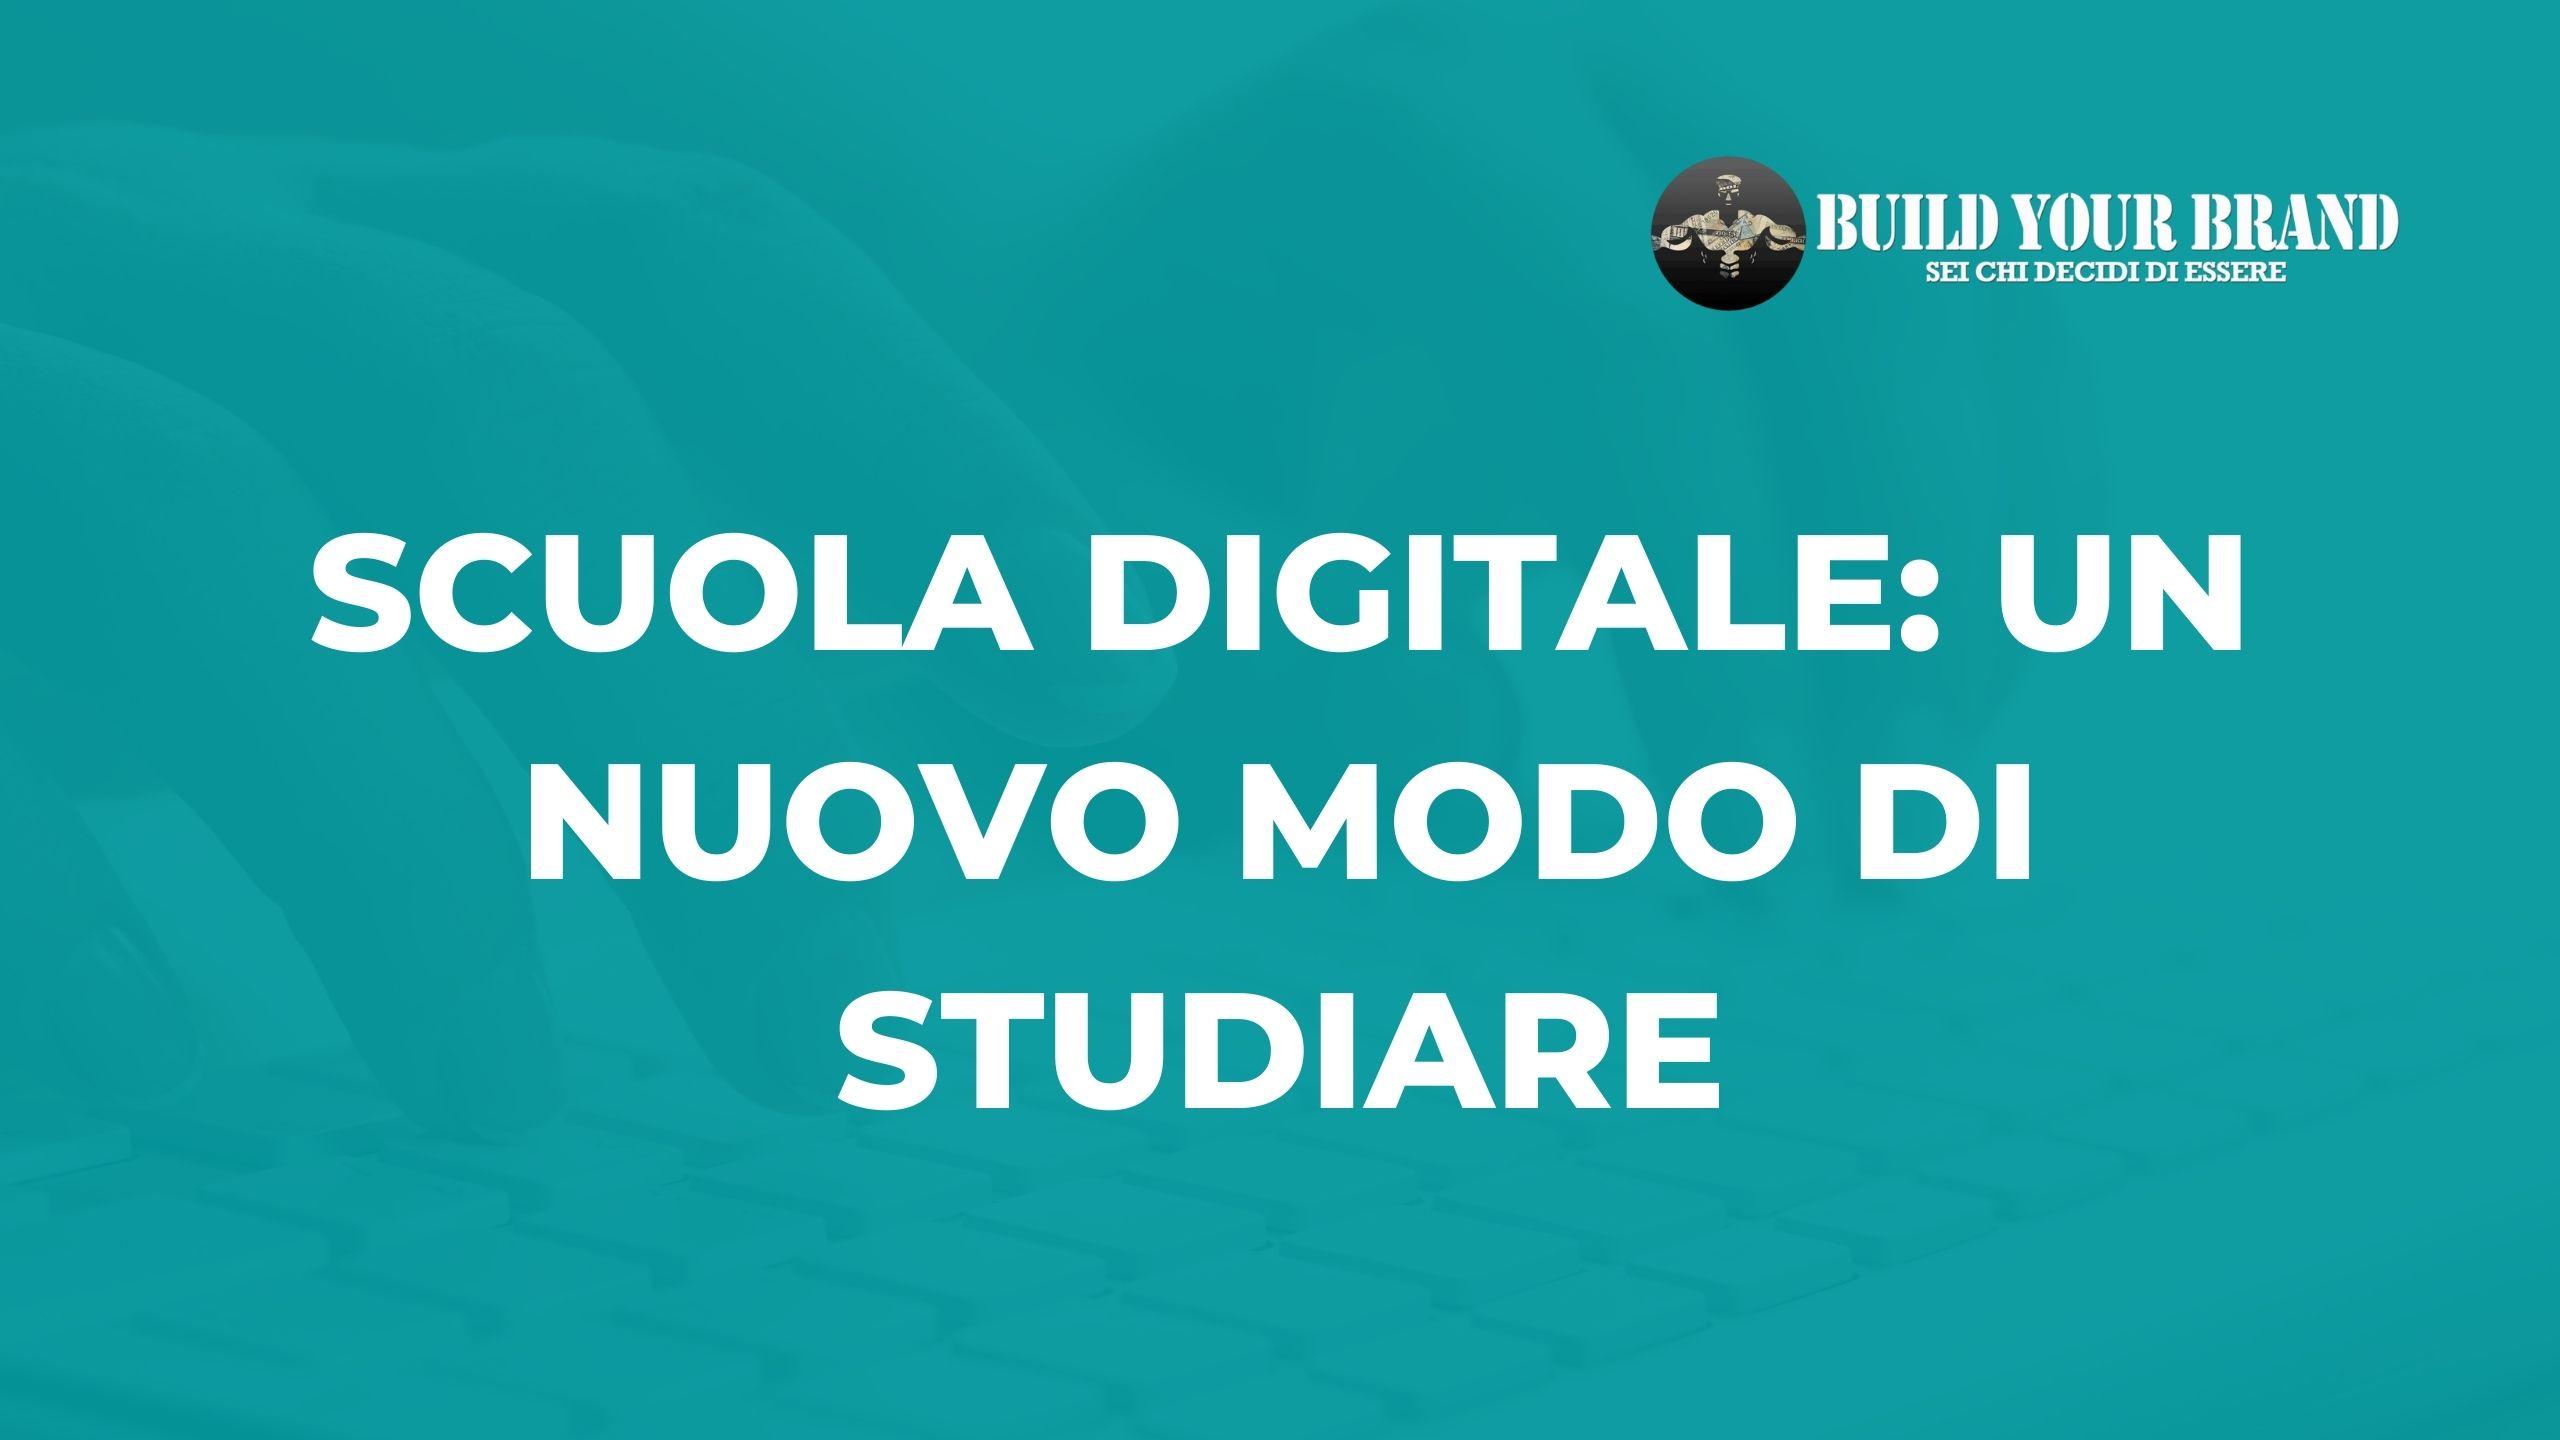 scuola-digitale-il-nuovo-modo-di-studiare